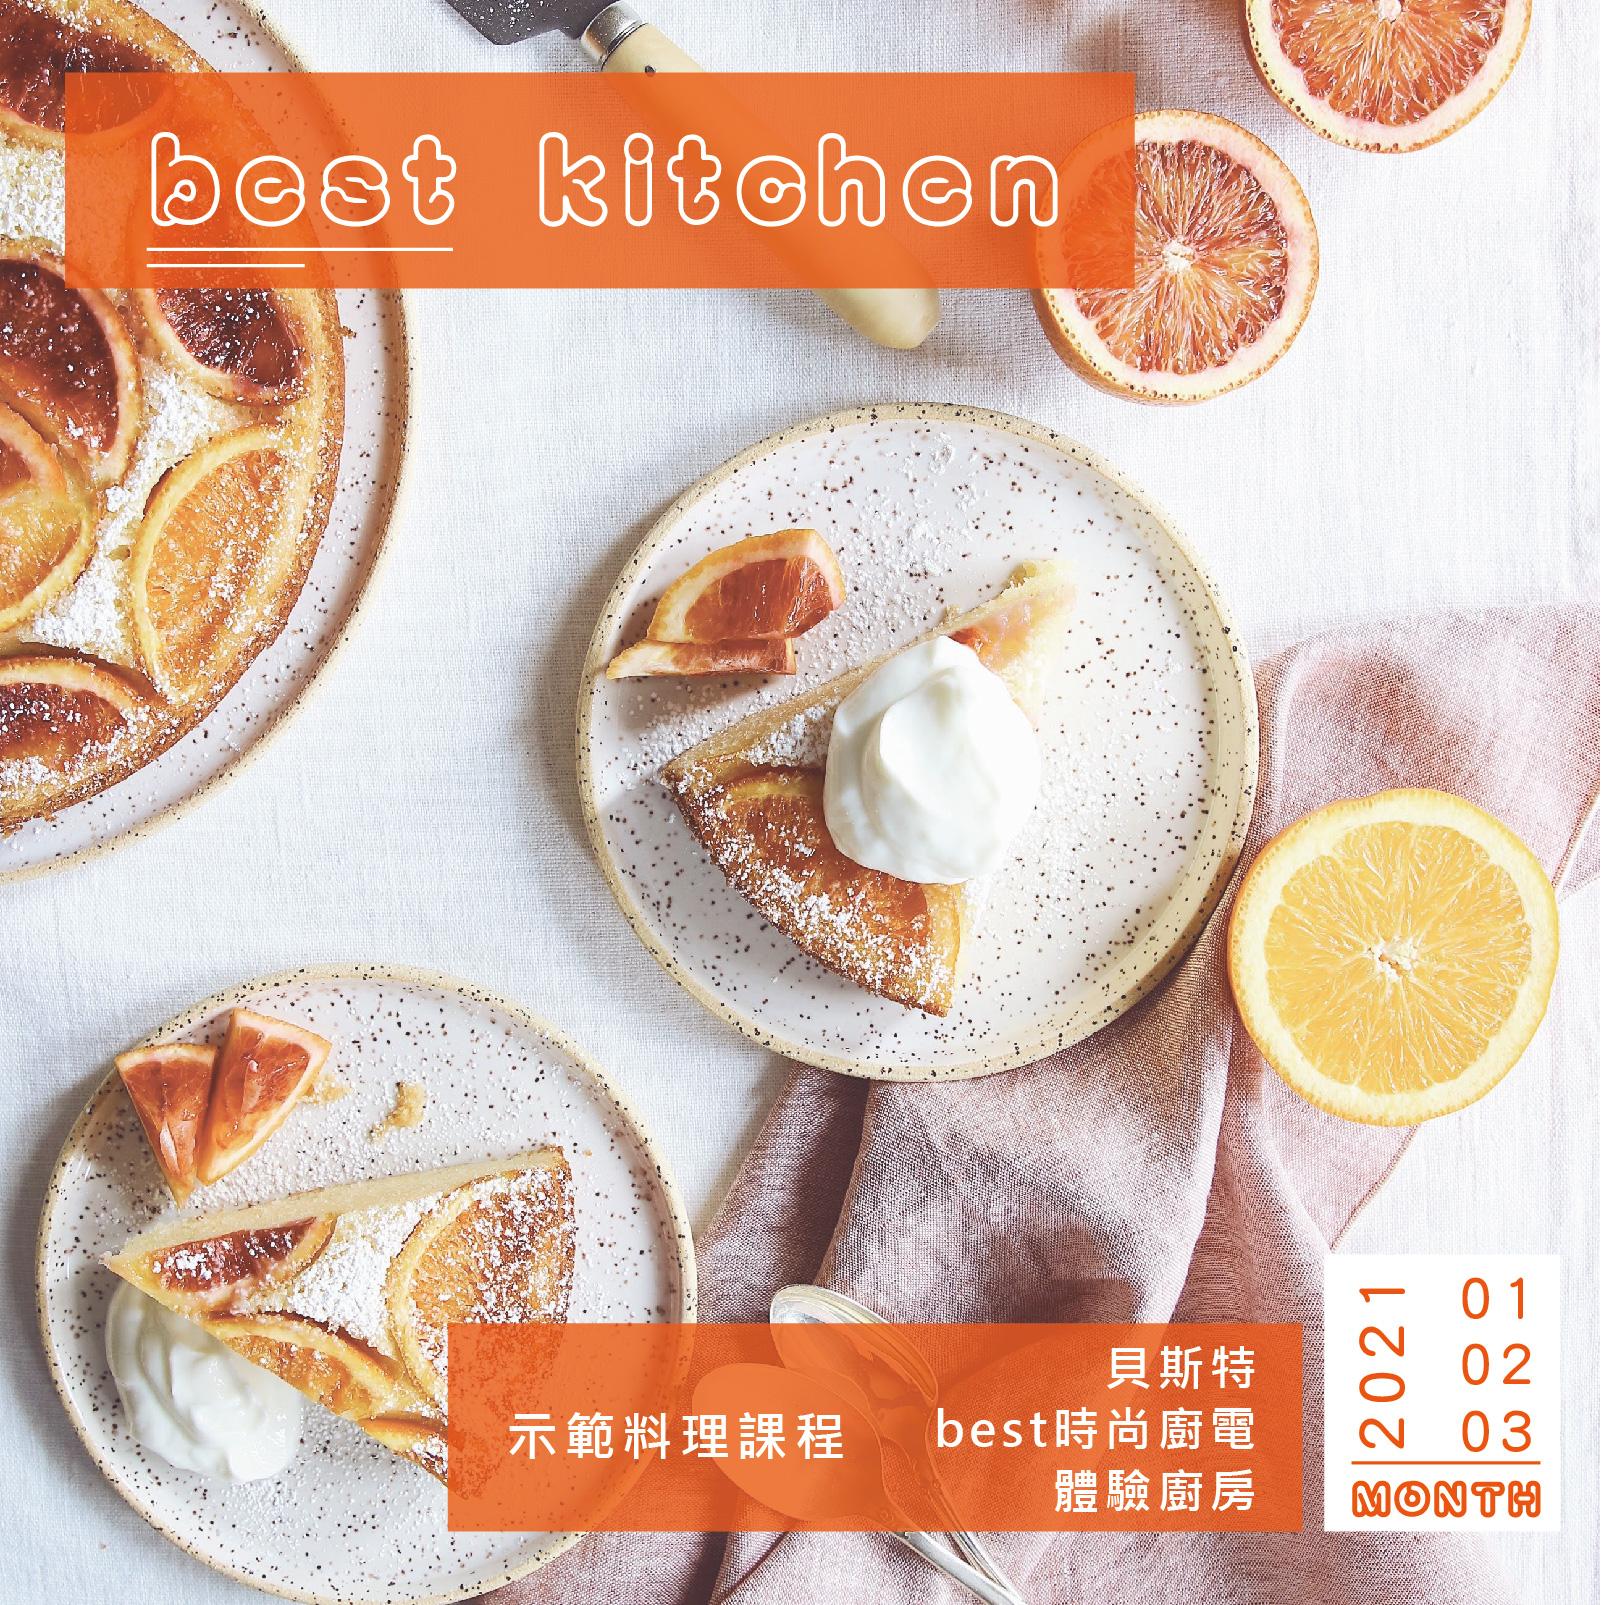 【Best kitchen】110年1-3月料理課程,歡迎報名!